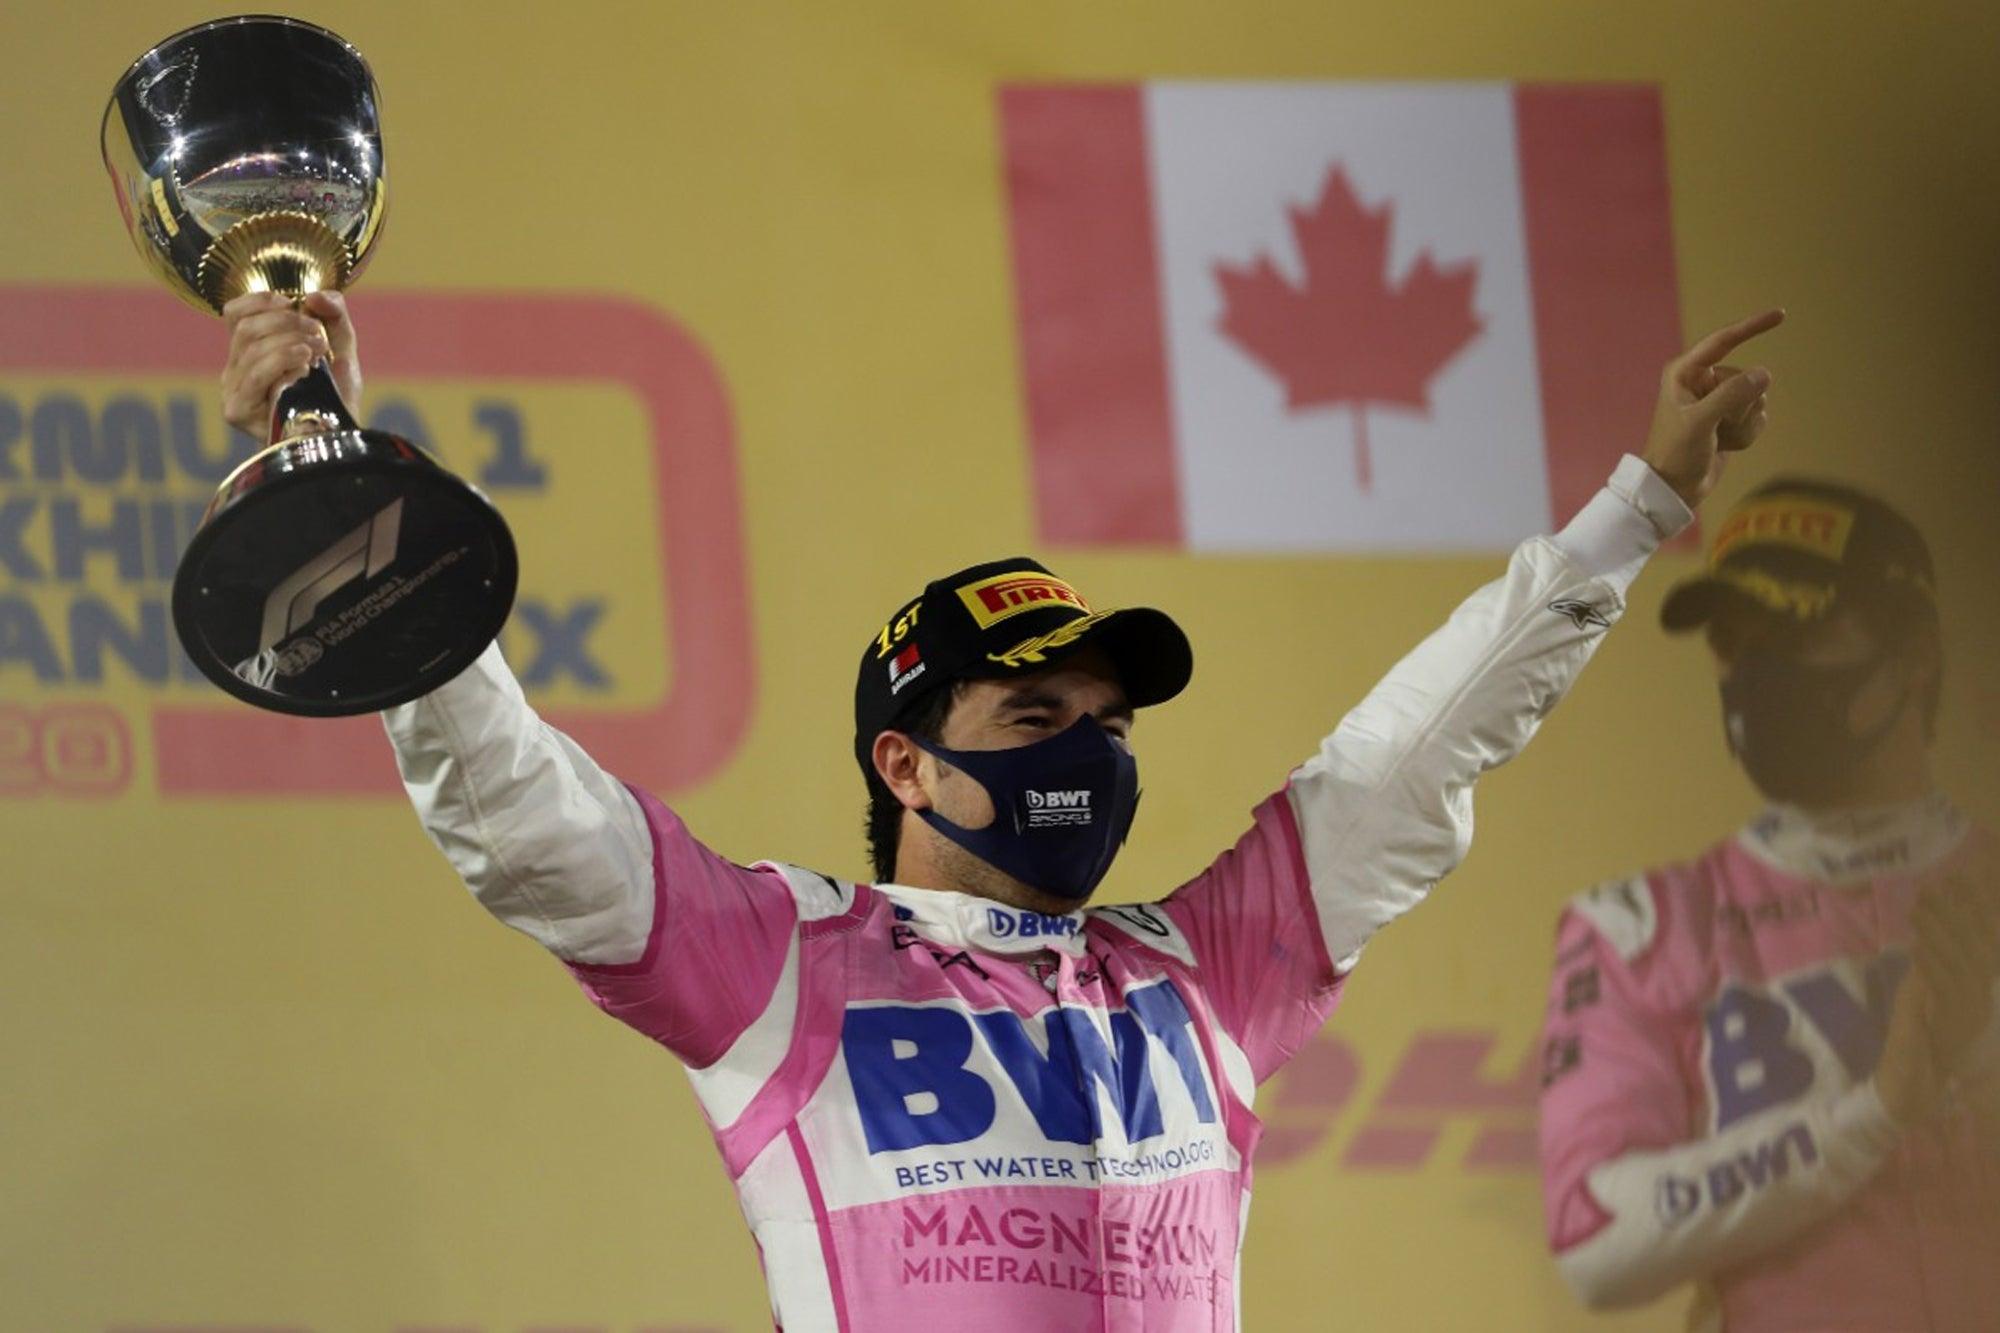 ¡Sergio 'Checo' Pérez gana el GP de Sakhir de la Formula1!